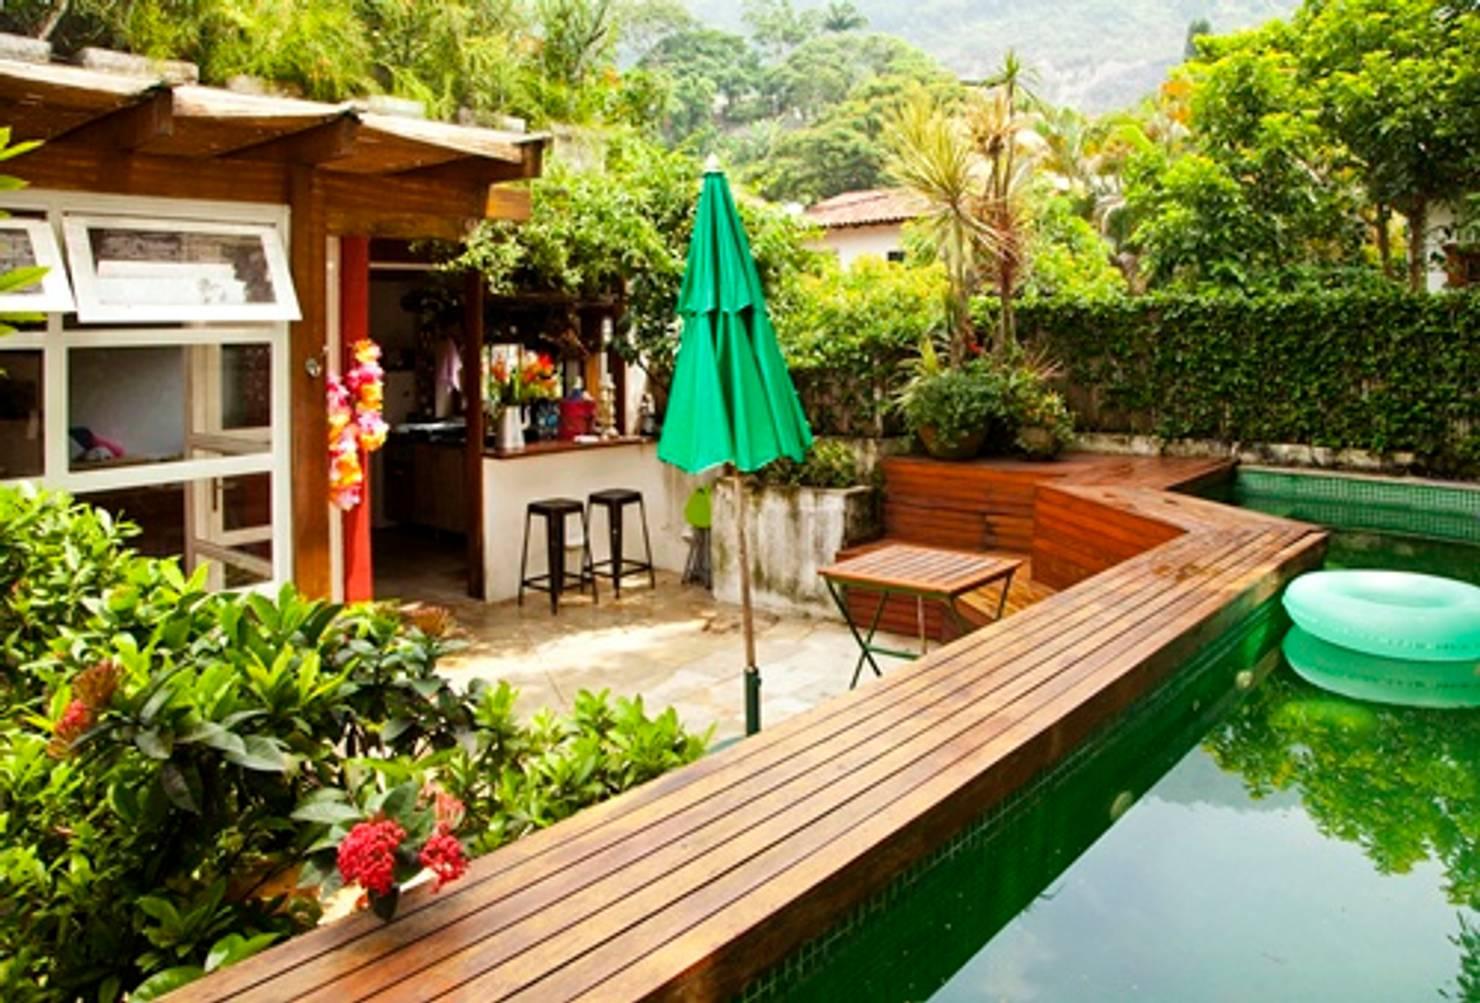 Casa Rústica No Rio de Janeiro Tem Piscina No Jardim e Muito Charme Em Cada Ambiente